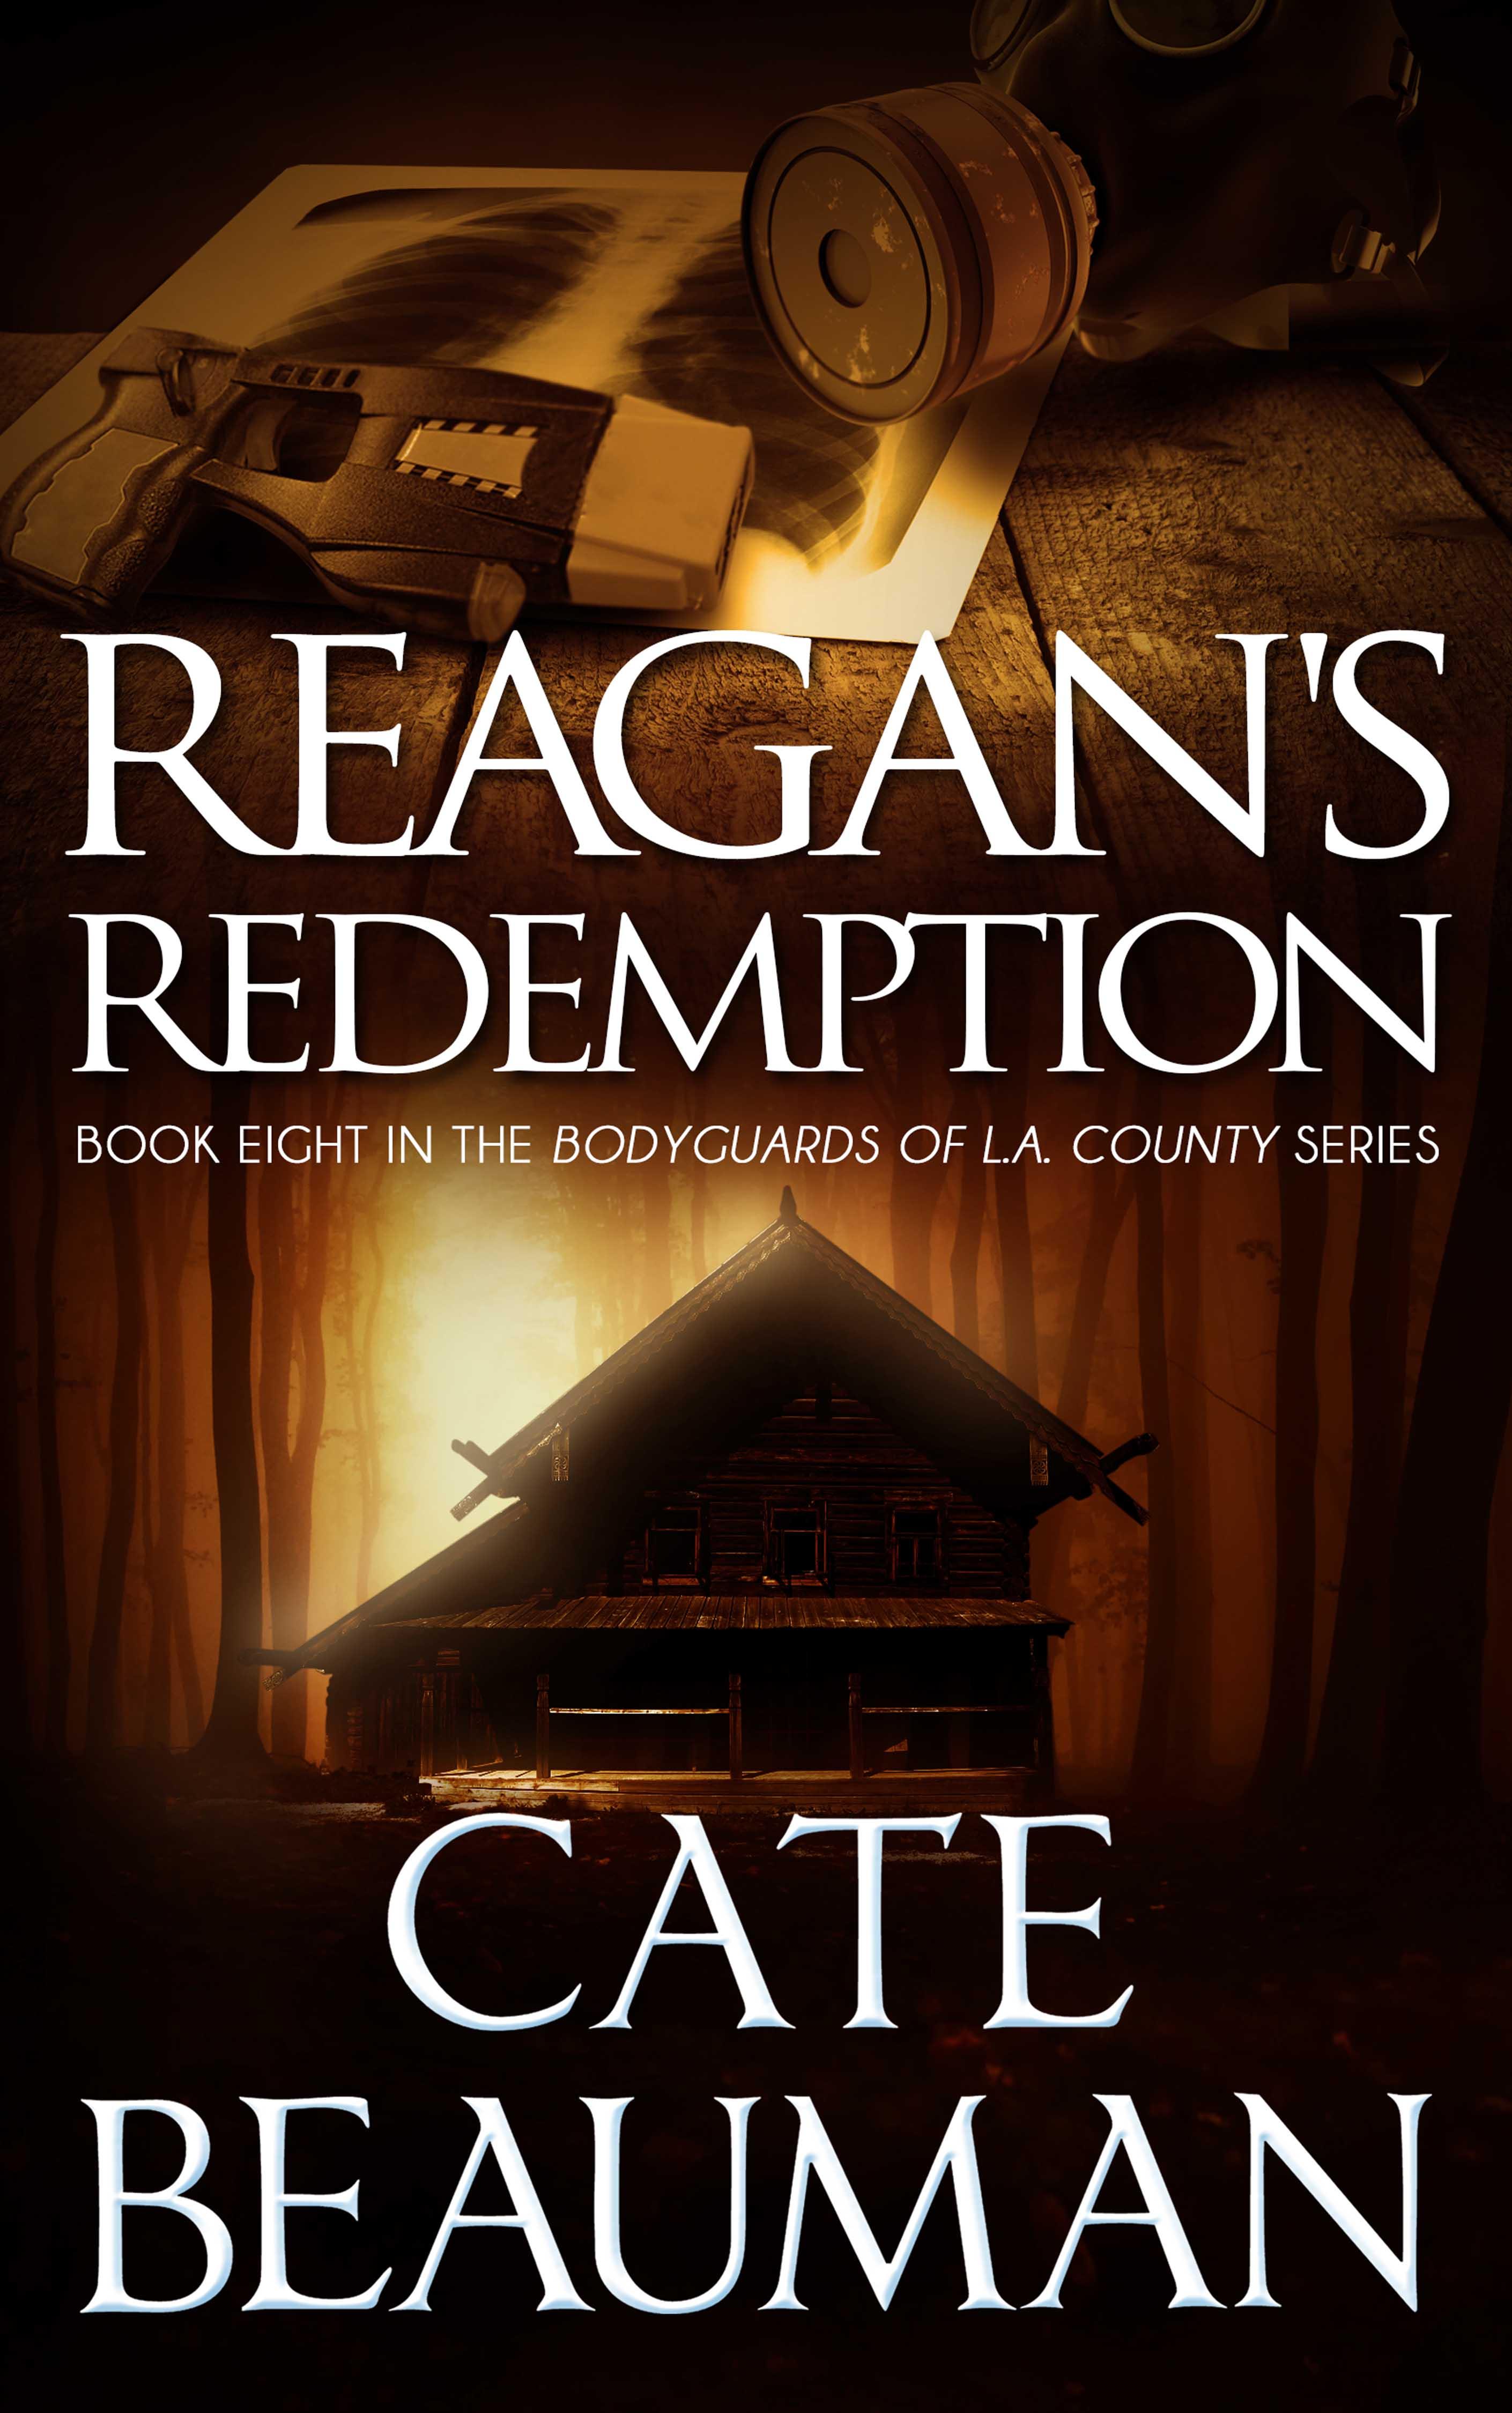 Reagan's Redemption - Ebook